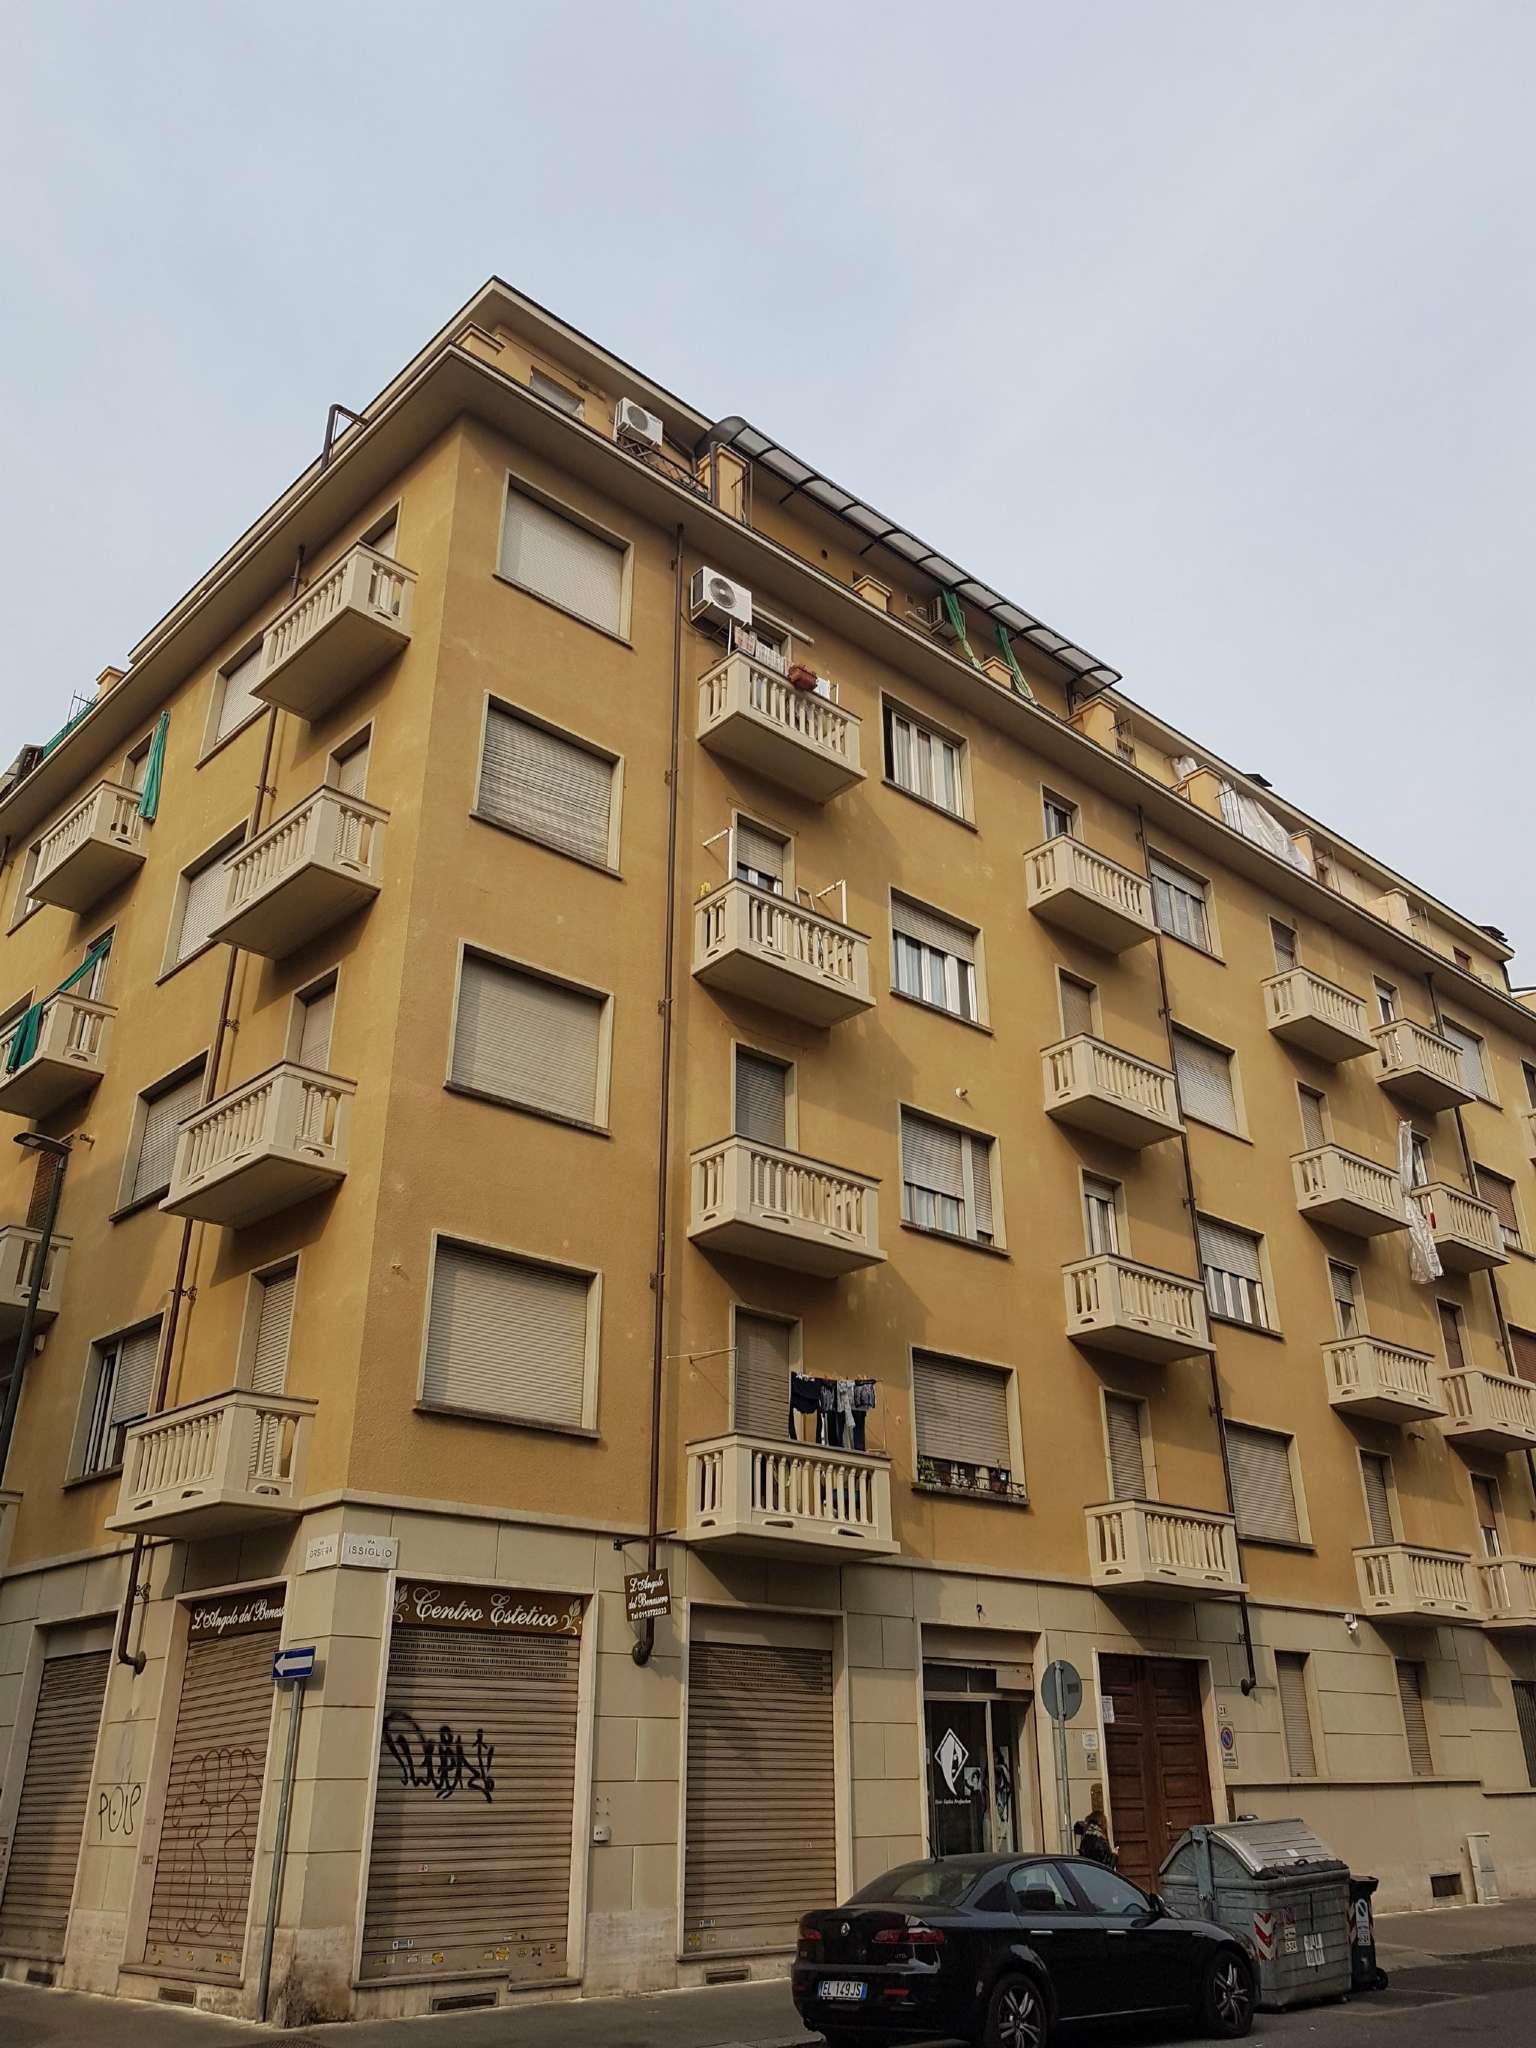 Vendita - Appartamento - Torino - SAN PAOLO RISTRUTTURATO CON ASCENSORE BILOCALE ? 65.000